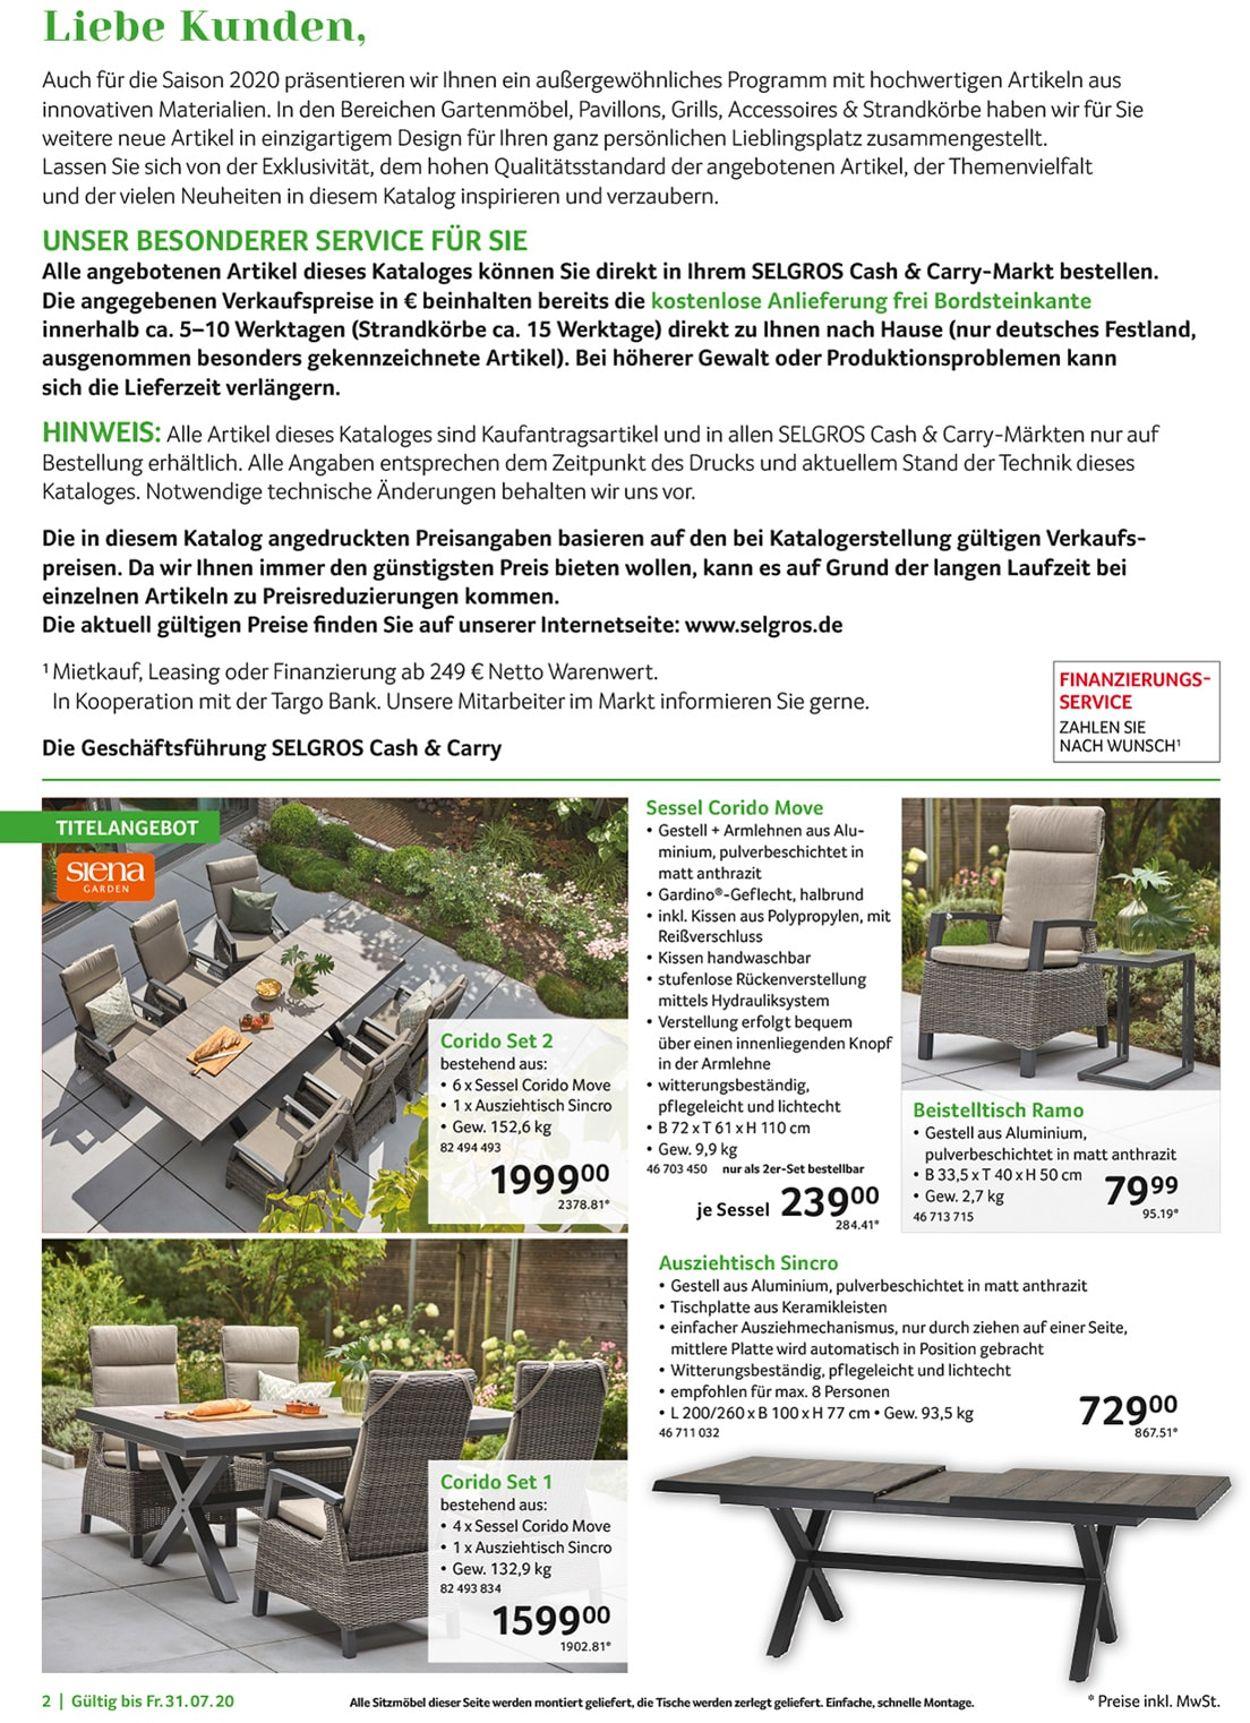 Full Size of Siena Sincro Garden Corsi Nuoto Sincronizzato Tisch Ausziehtisch Weiss Gartentisch 200/260x100cm Aluminium/keramik Set Uisp Selgros Aktueller Prospekt 1203 Wohnzimmer Siena Sincro